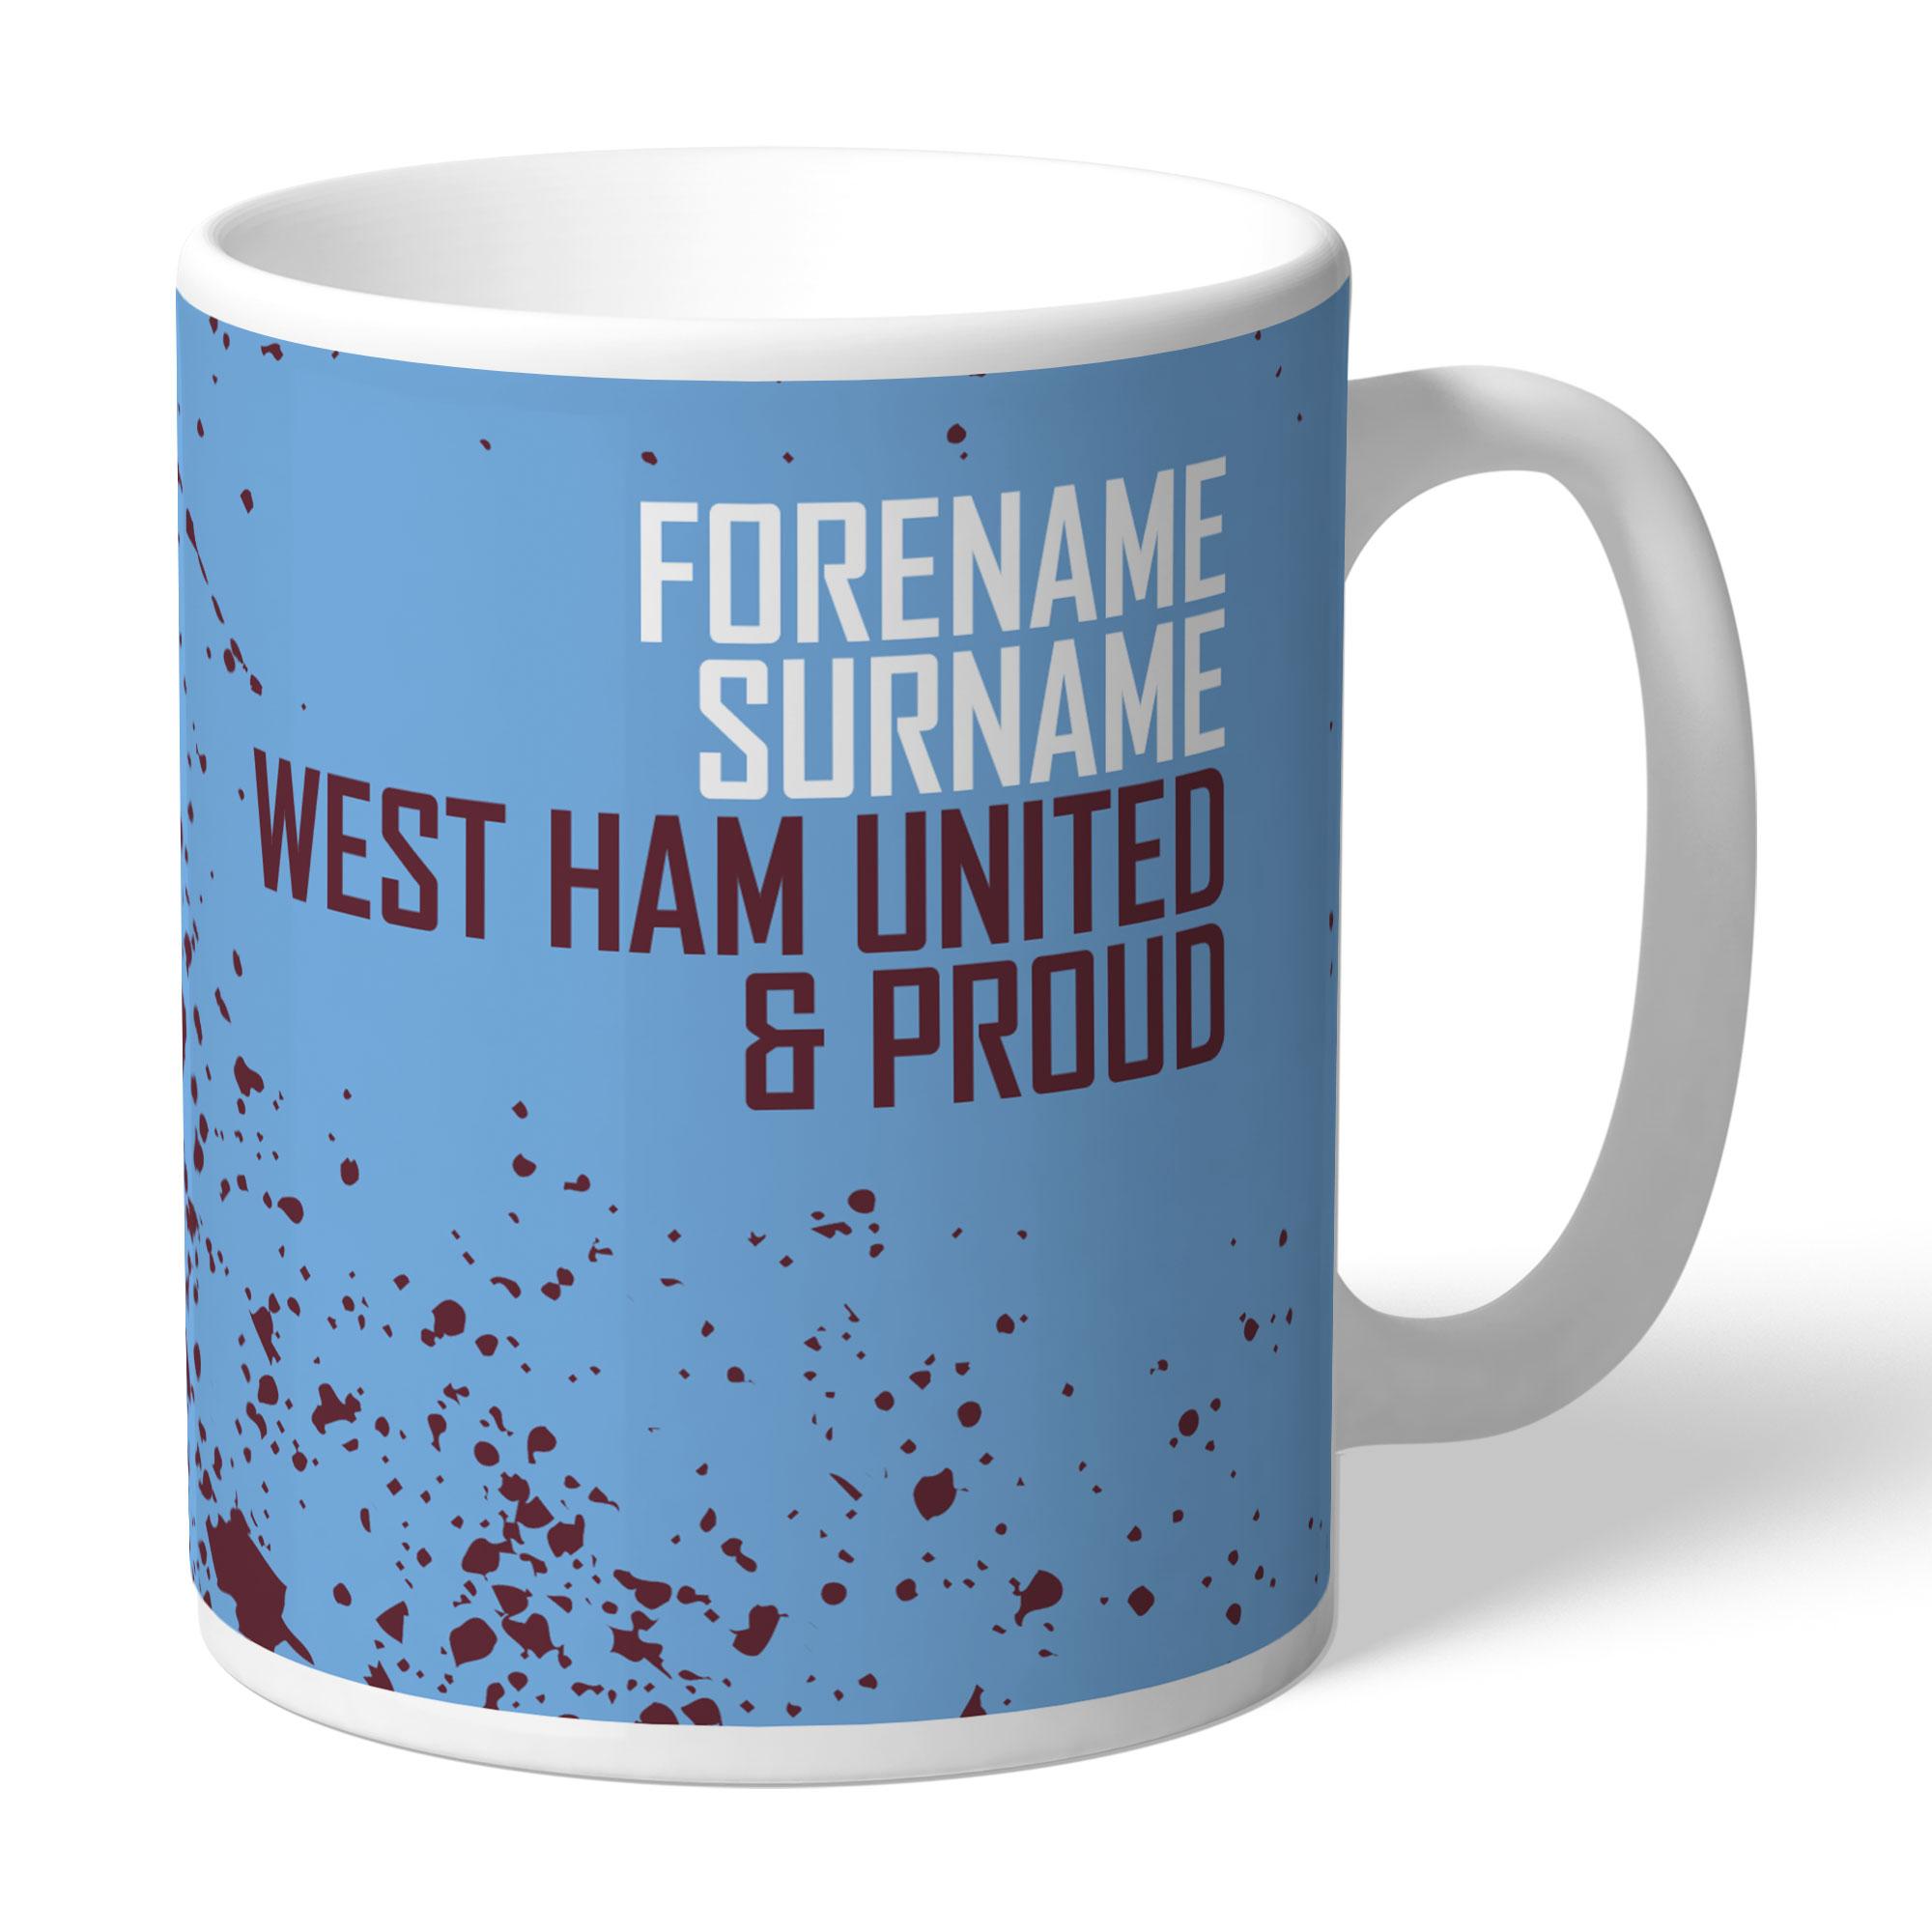 West Ham United FC Proud Mug